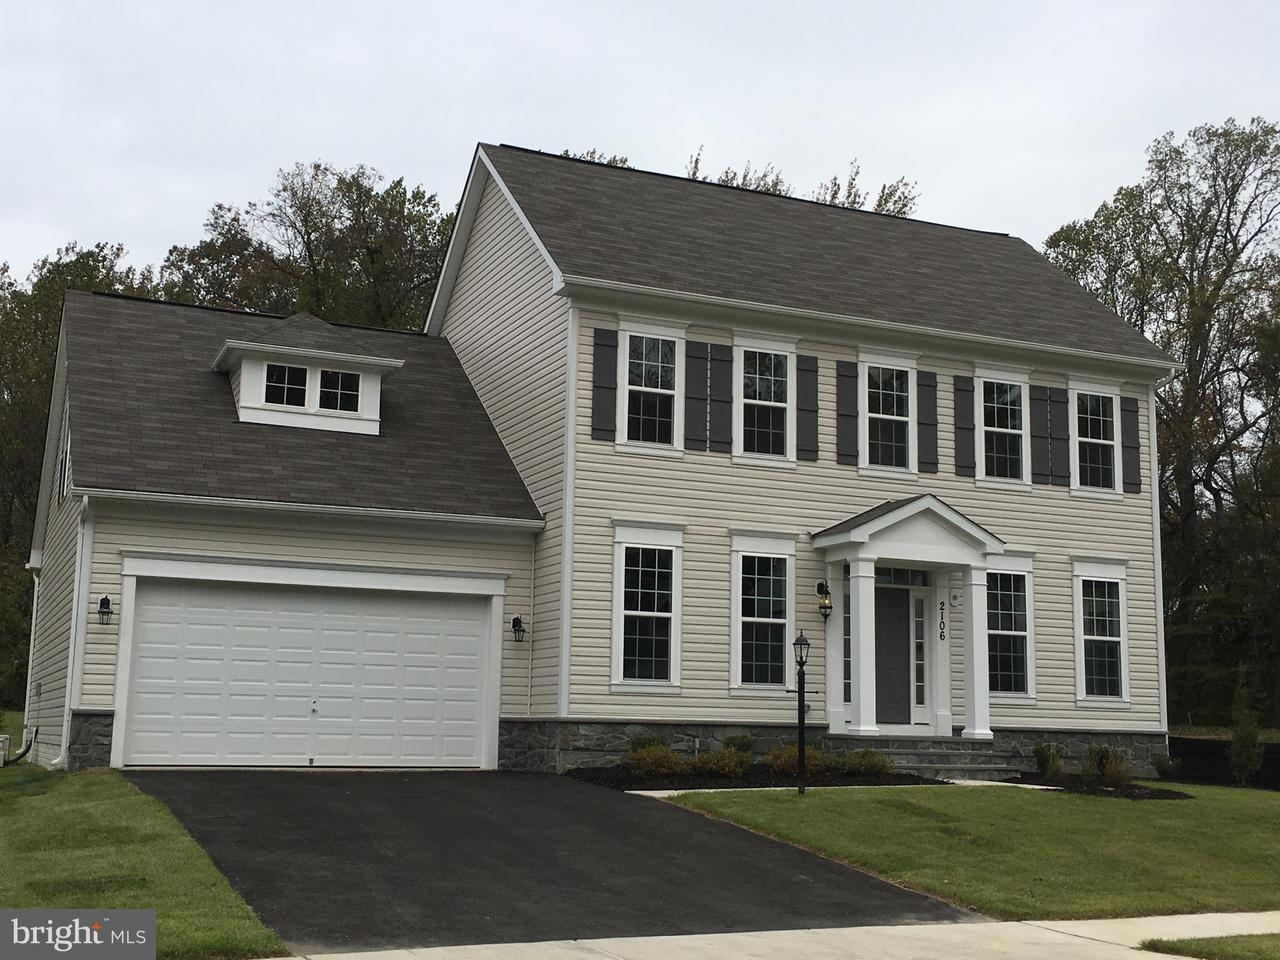 Частный односемейный дом для того Продажа на 2106 Basil Hall 2106 Basil Hall Gambrills, Мэриленд 21054 Соединенные Штаты